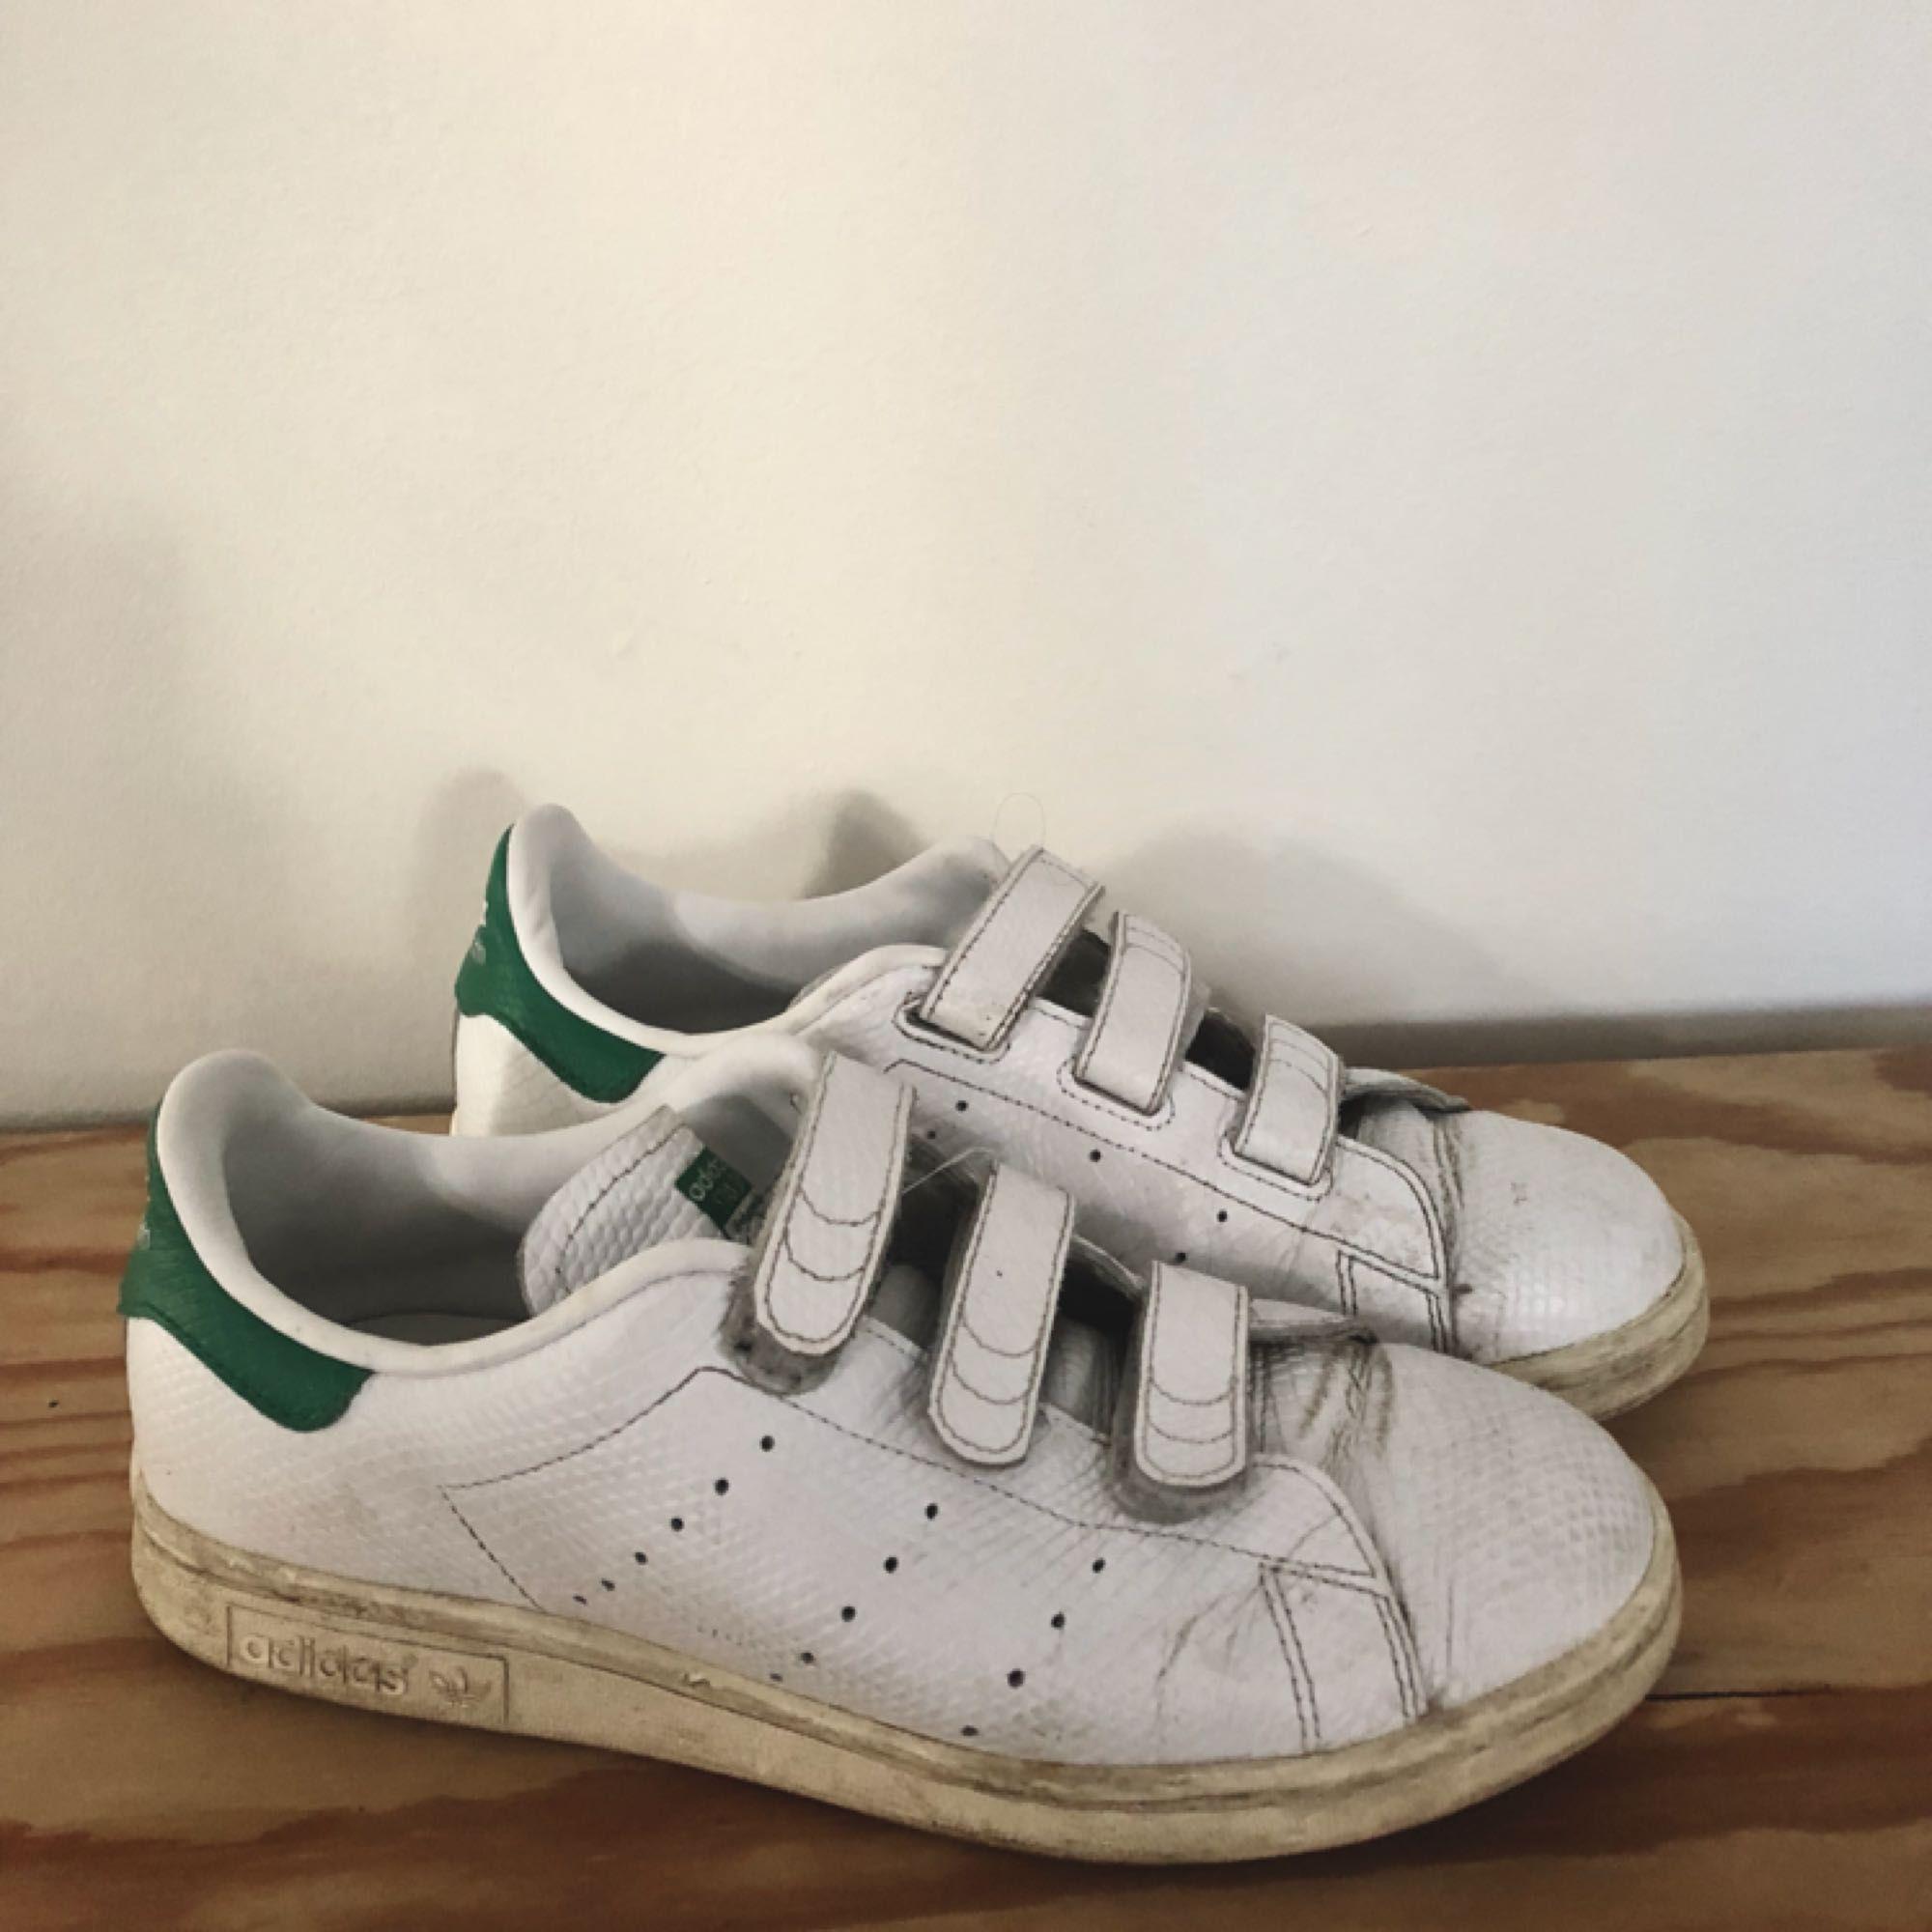 Adidas Originals i ormskinns imitation! De är rätt välanvända men ACK så sköna!